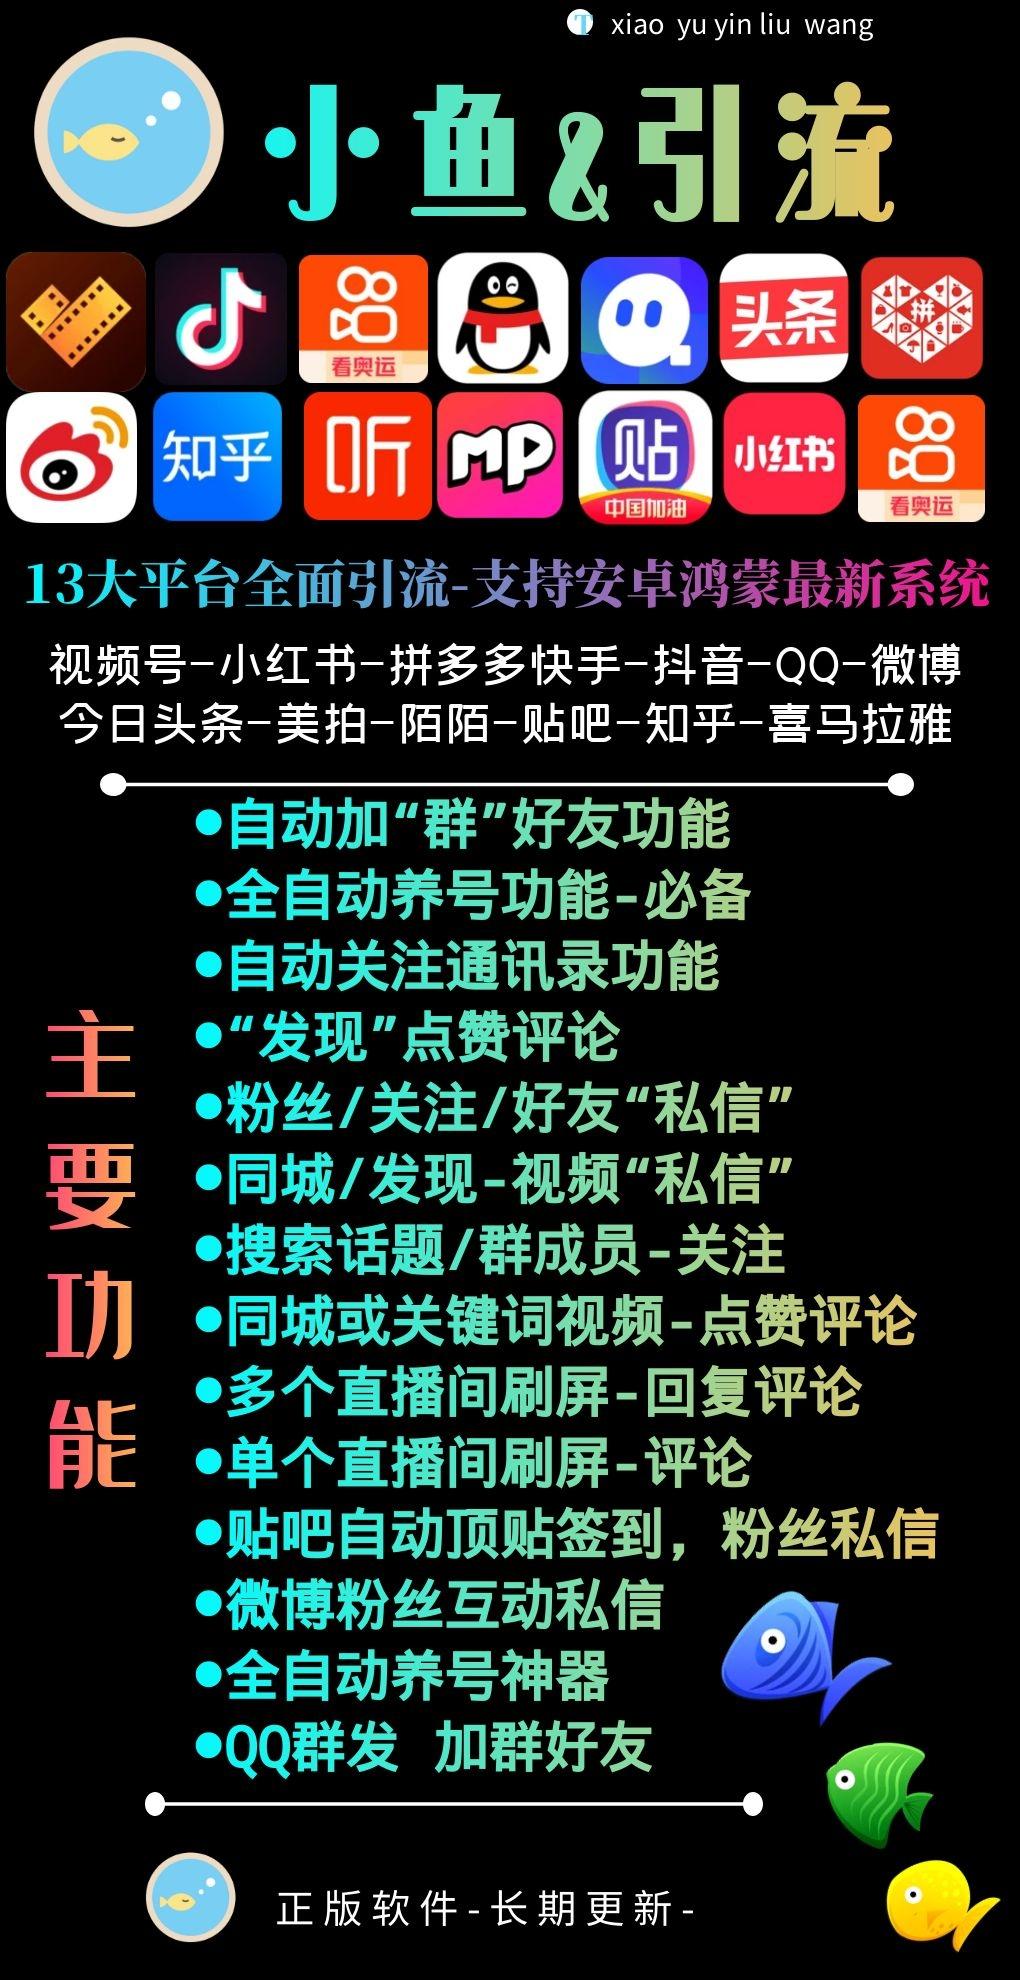 【小鱼引流王】13大平台引流养号私信关注顶贴-安卓鸿蒙专用